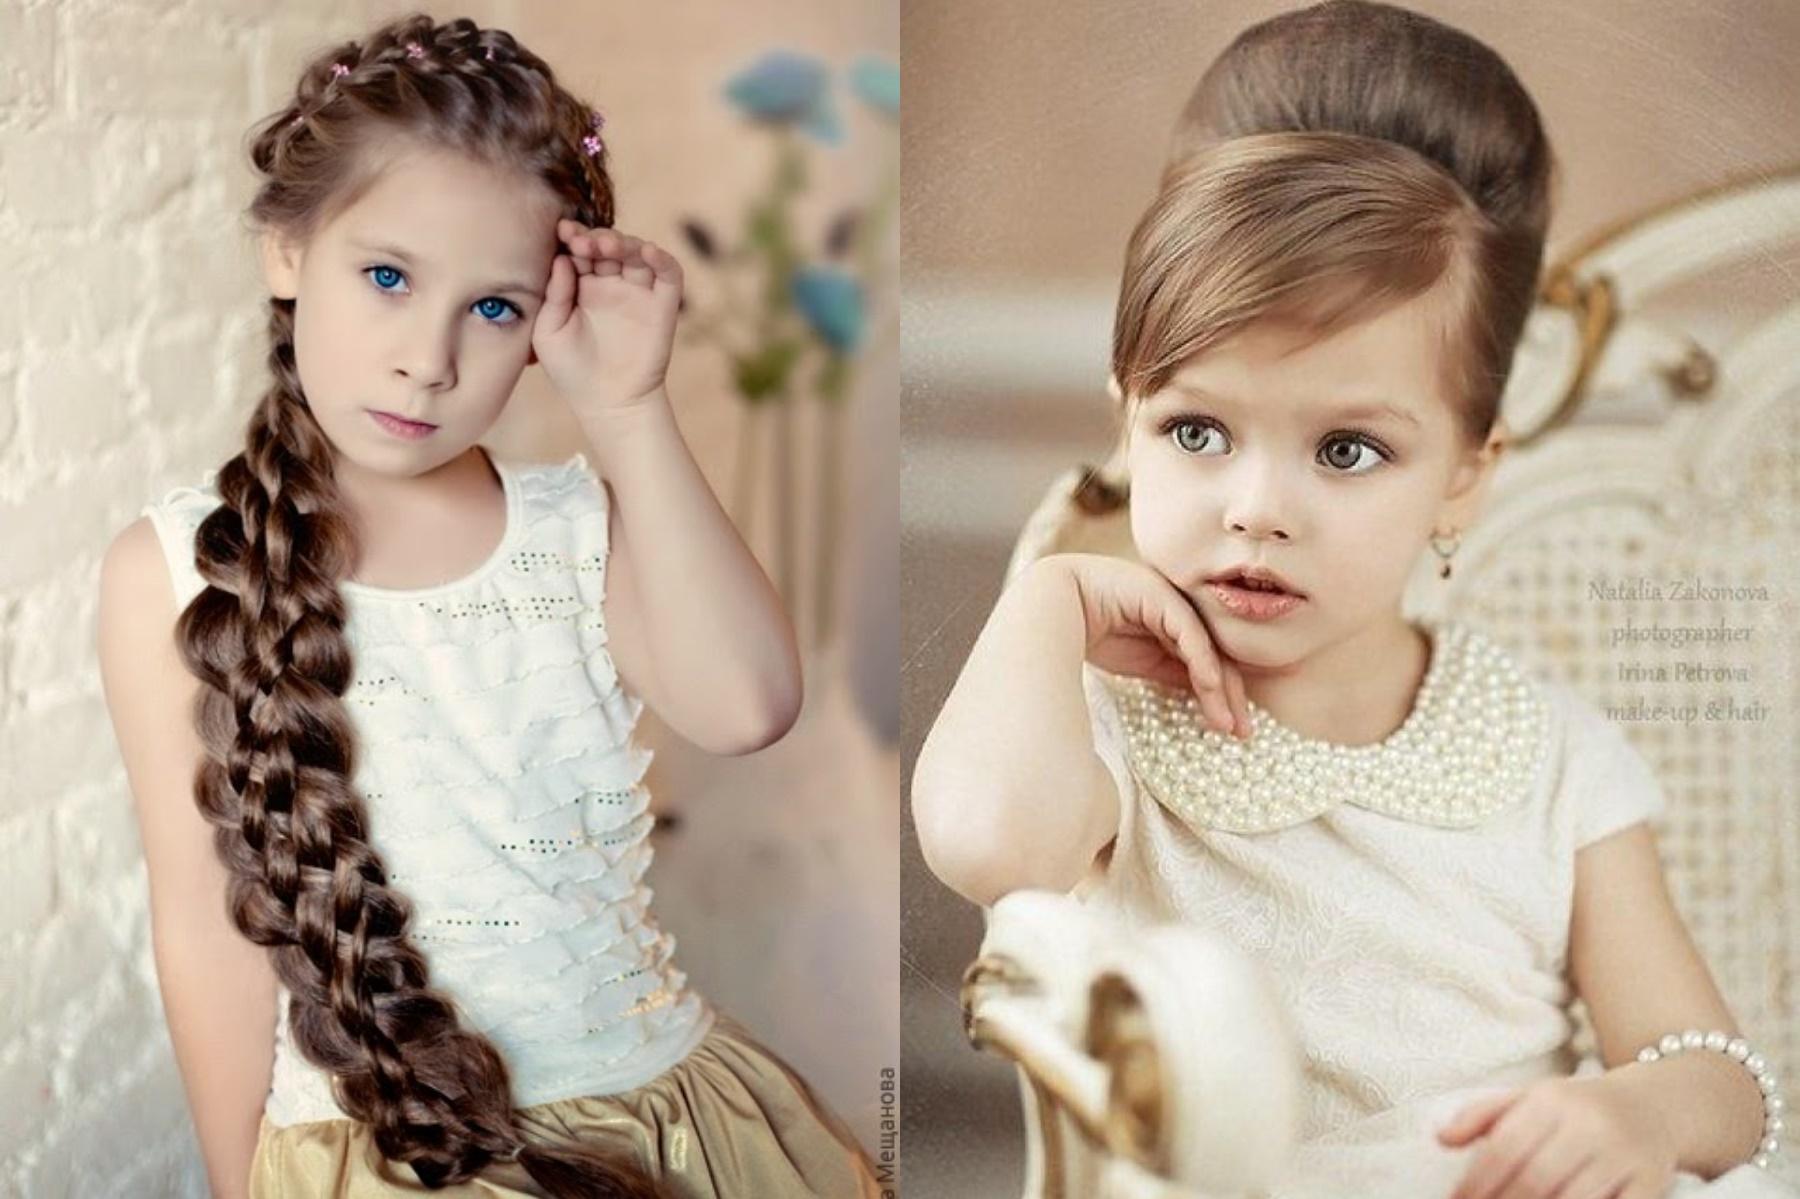 Coafuri frumoase și la modă pentru copii